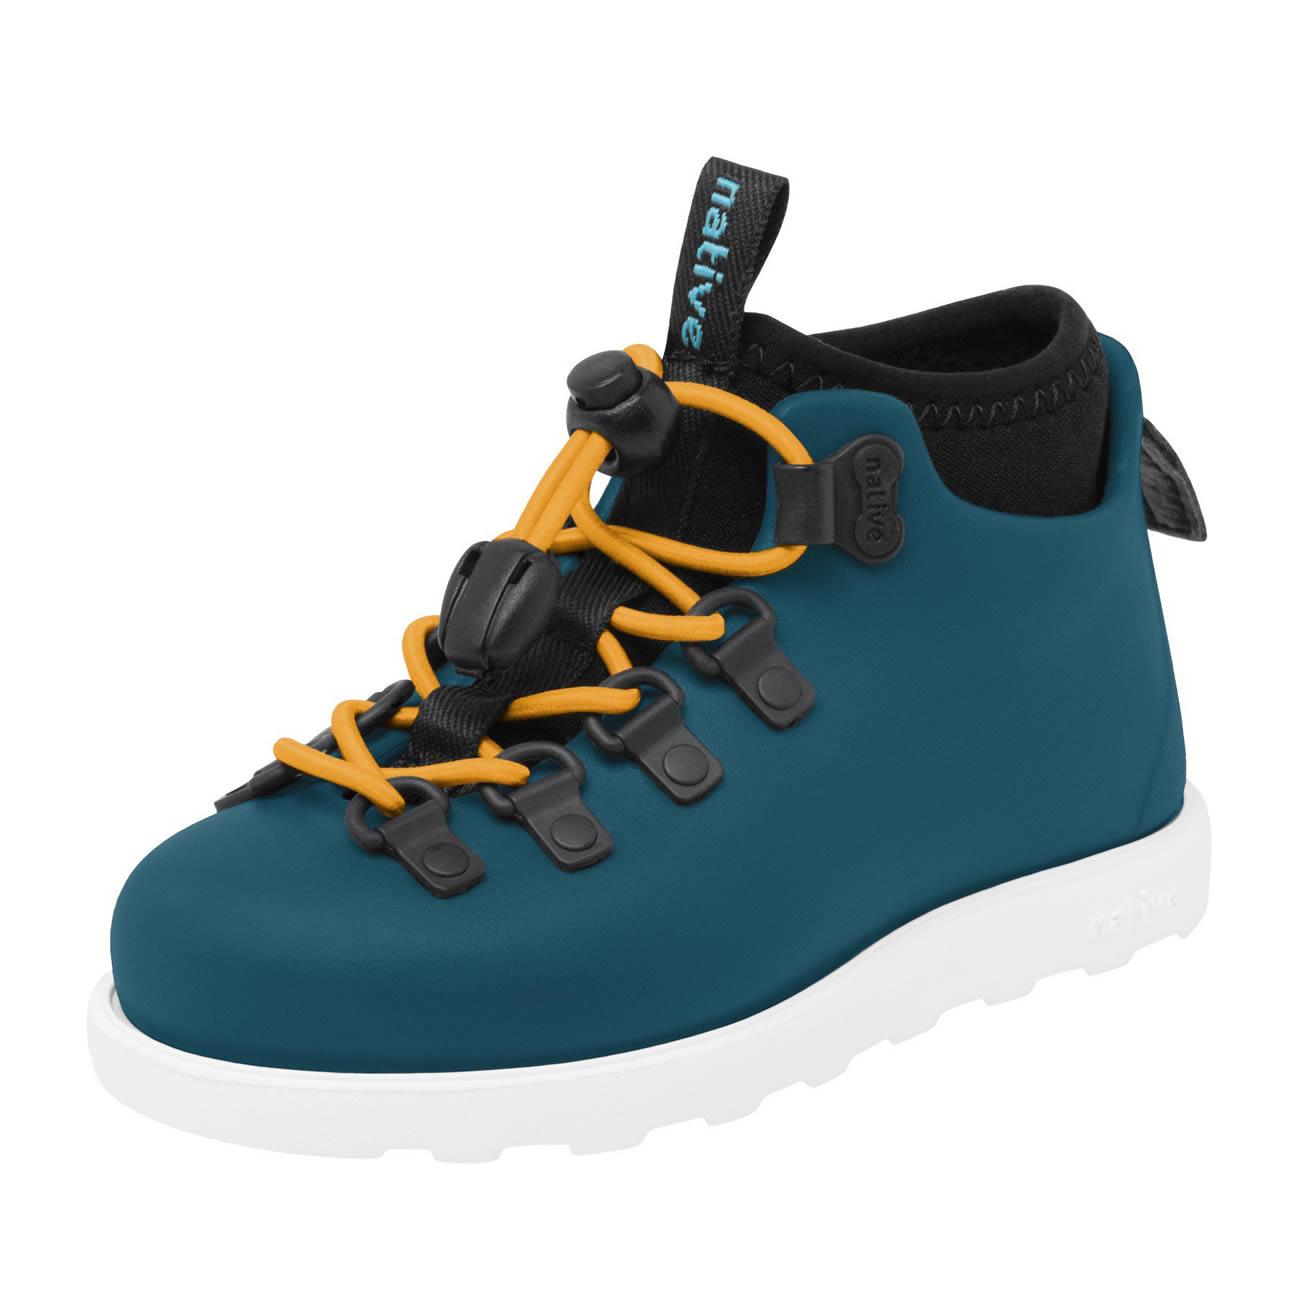 Scarpe Stivaletto Anti Pioggia Bambino Impermeabile Native Shoes Fitzsimmons Blue Bianco Inquadratura di spigolo